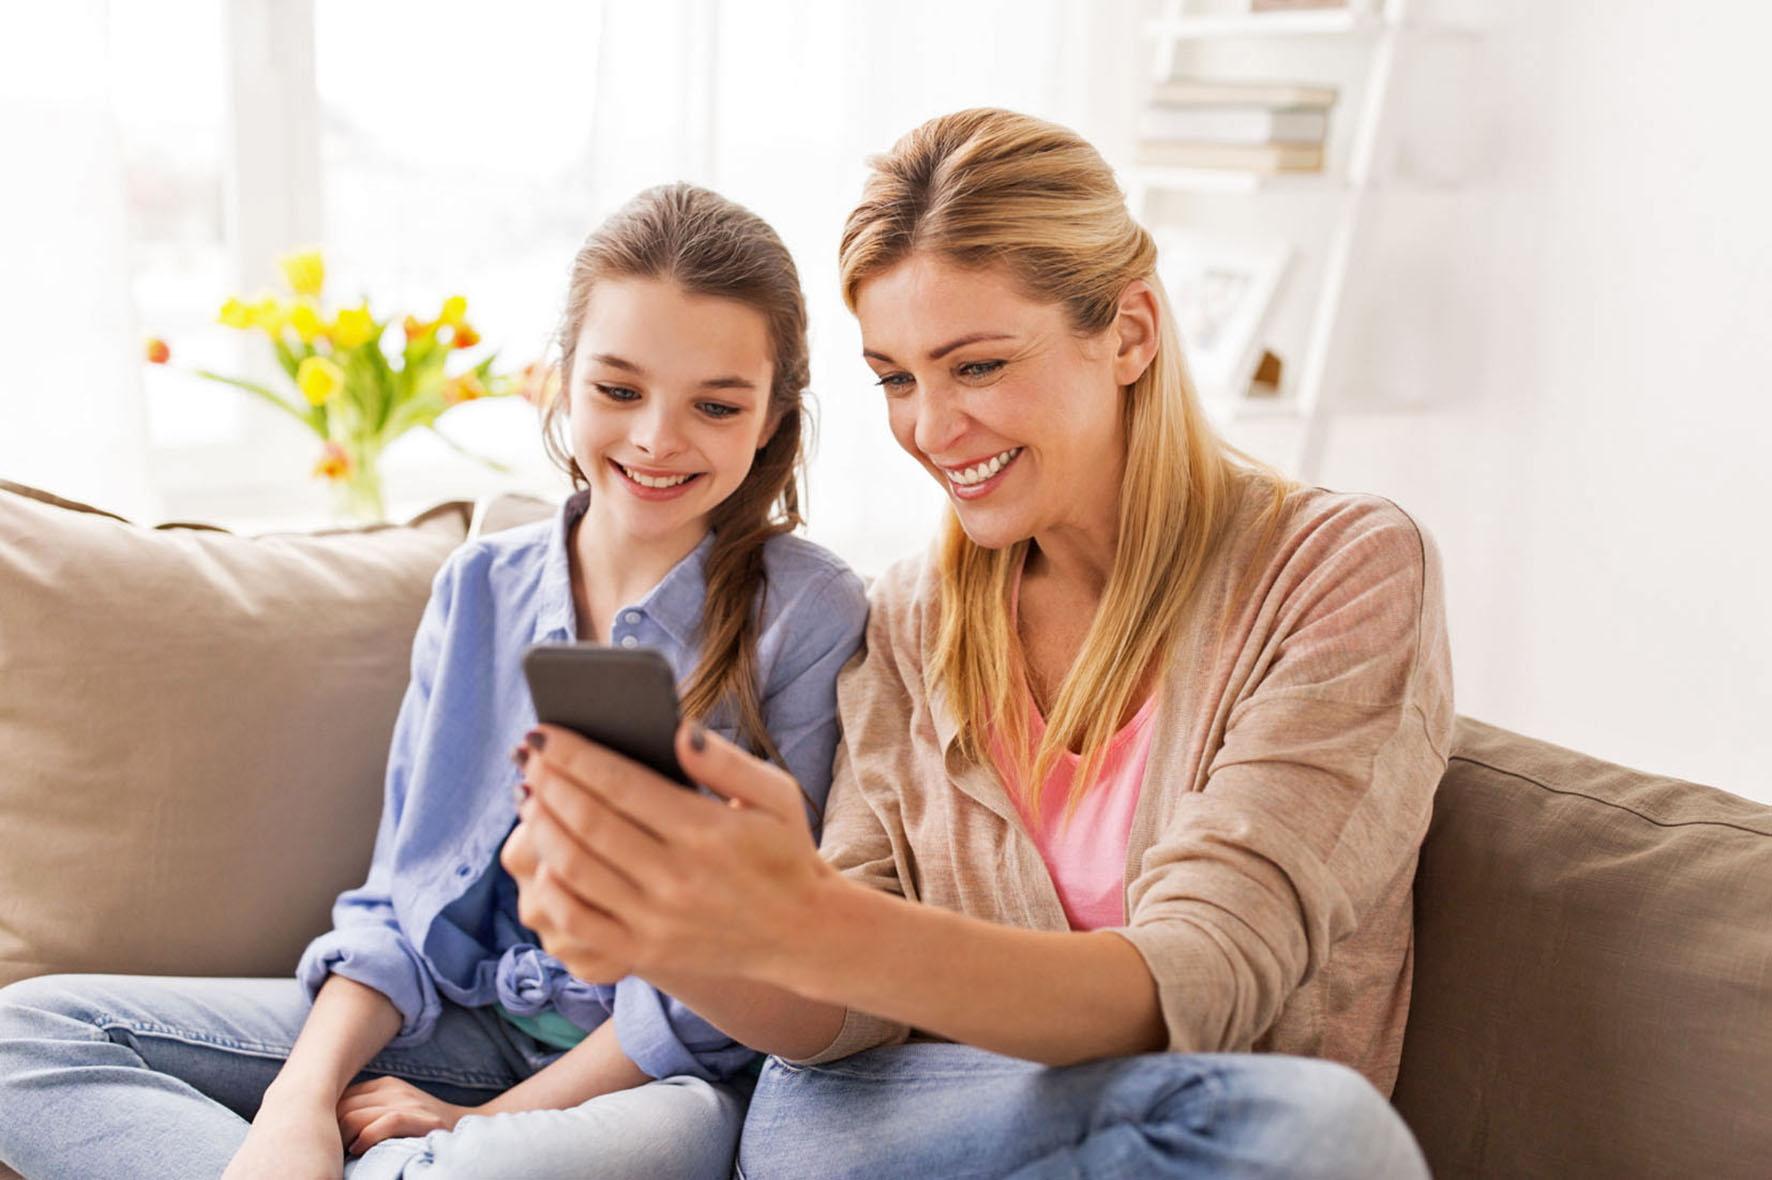 Mutter und Tochter am Handy - Das Kind hat Diabetes